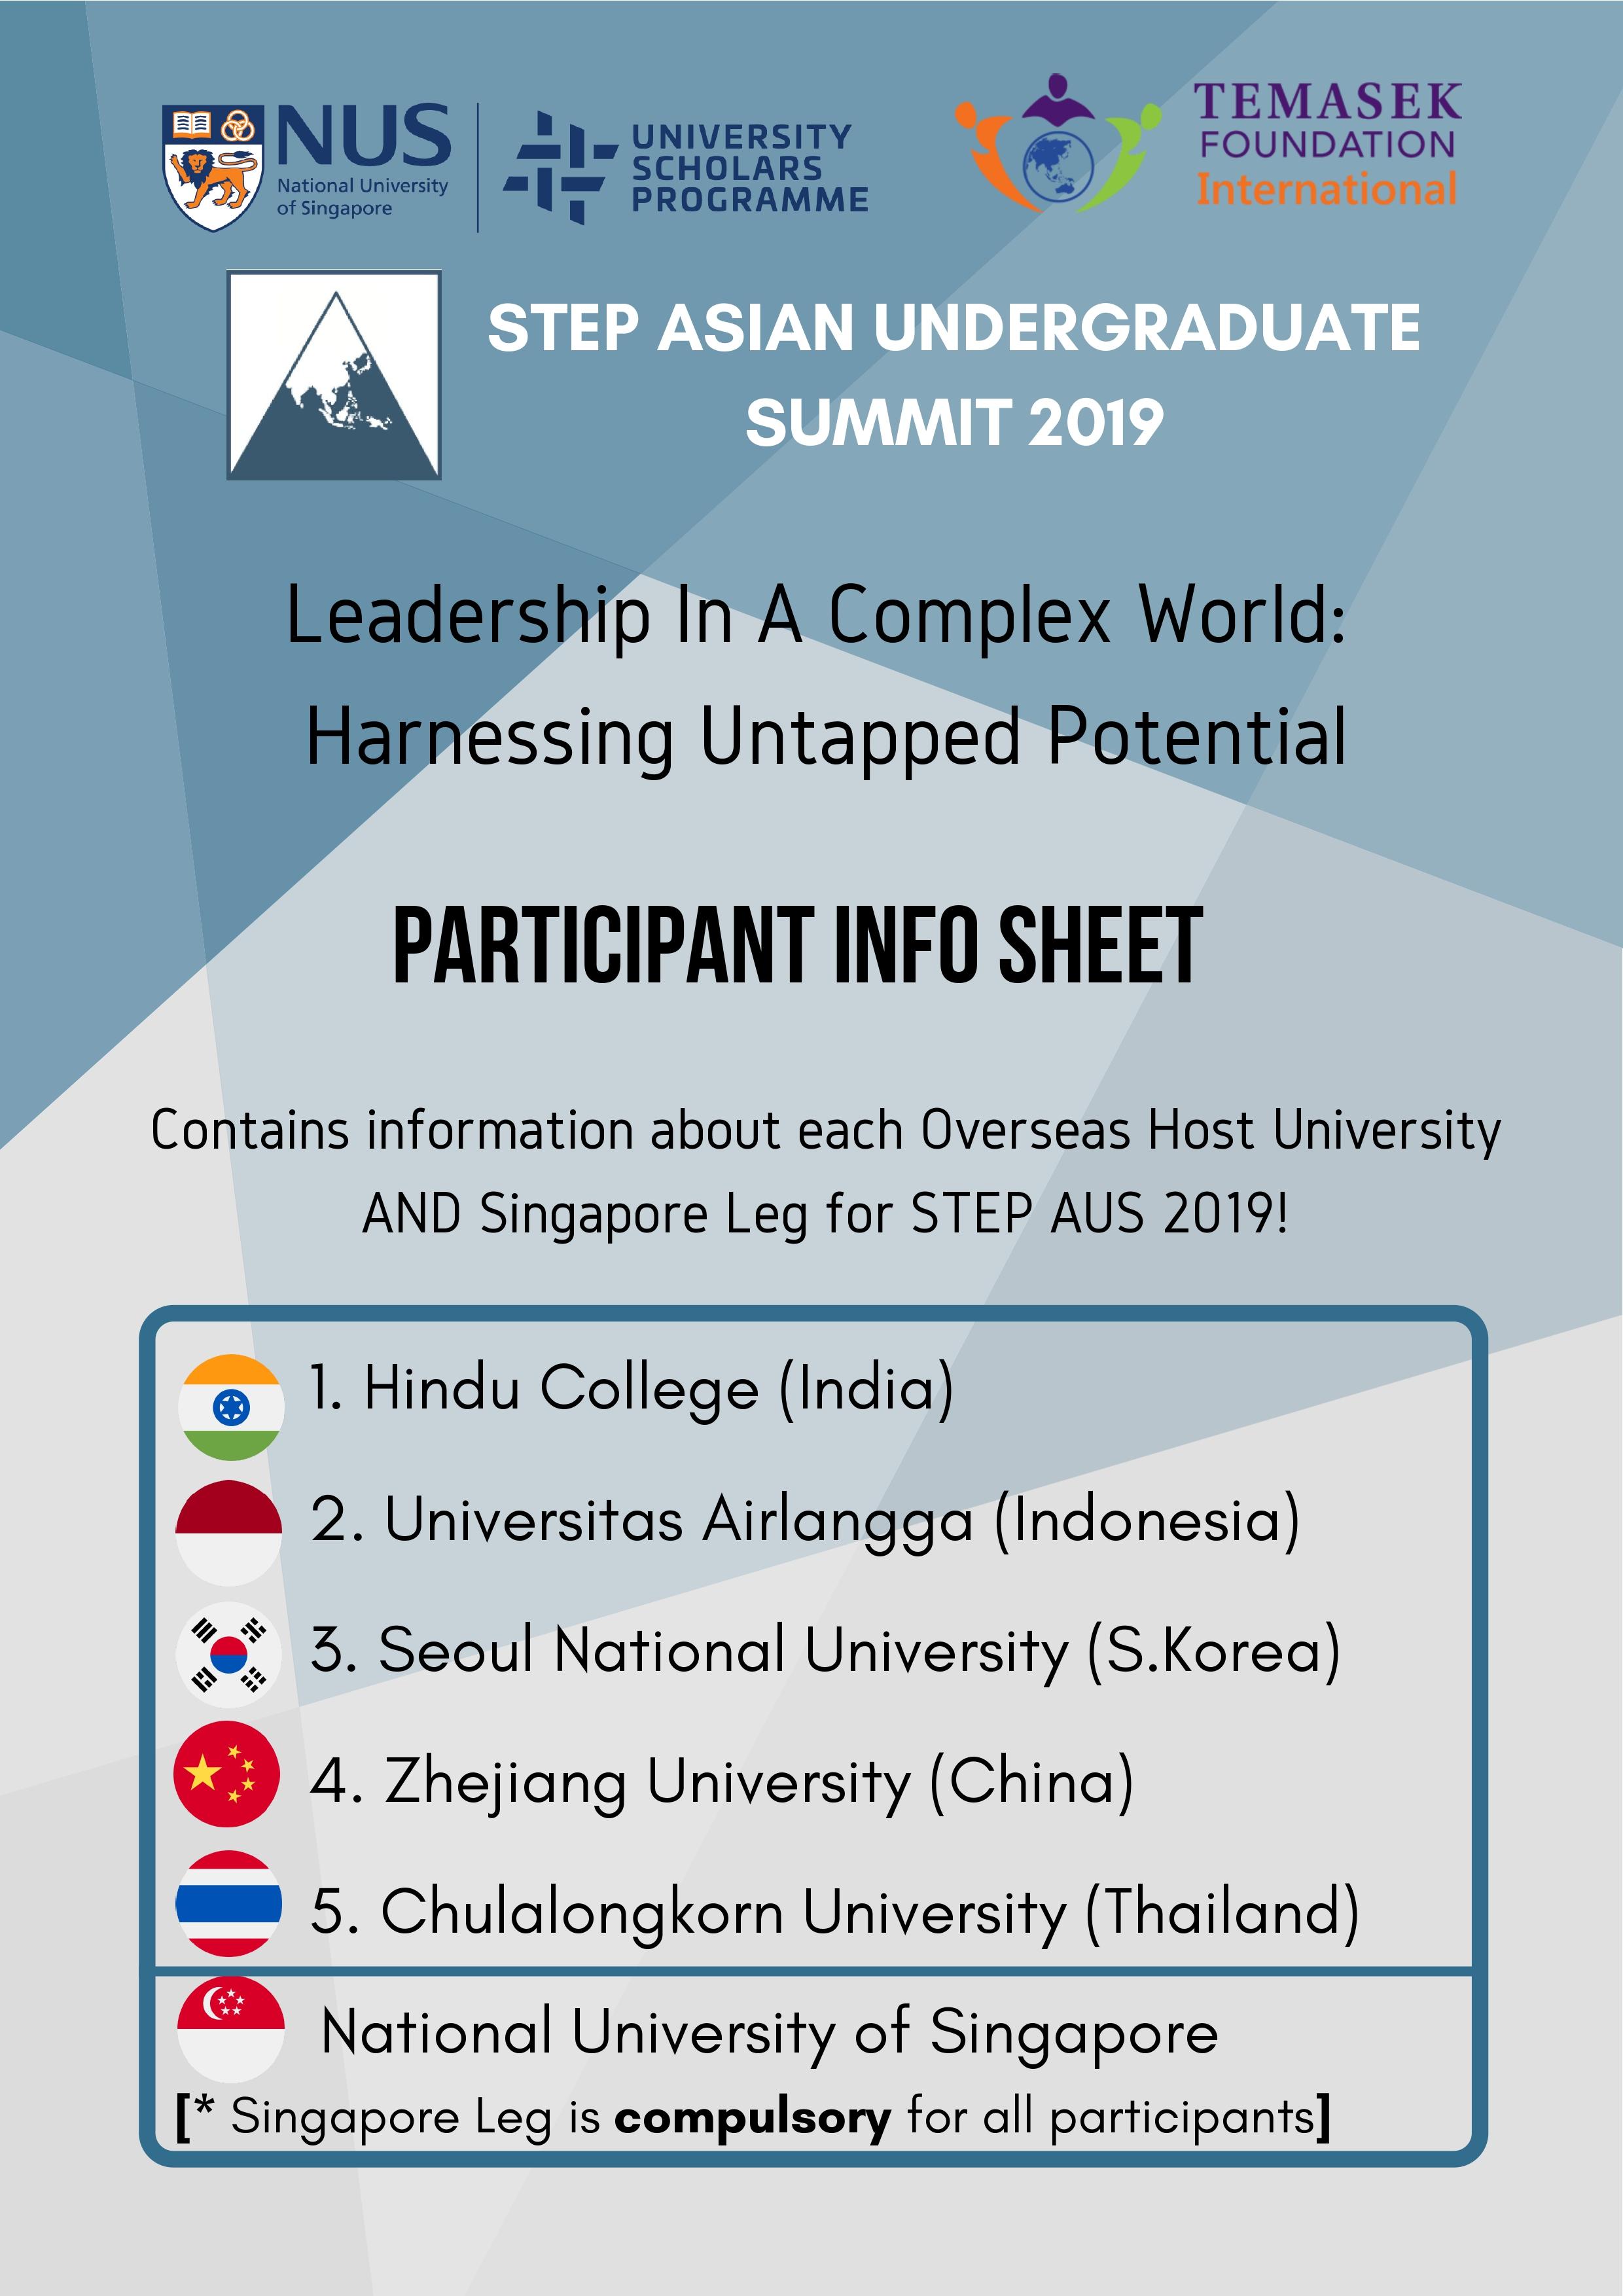 AUS Overseas Leg Calls For Participants!